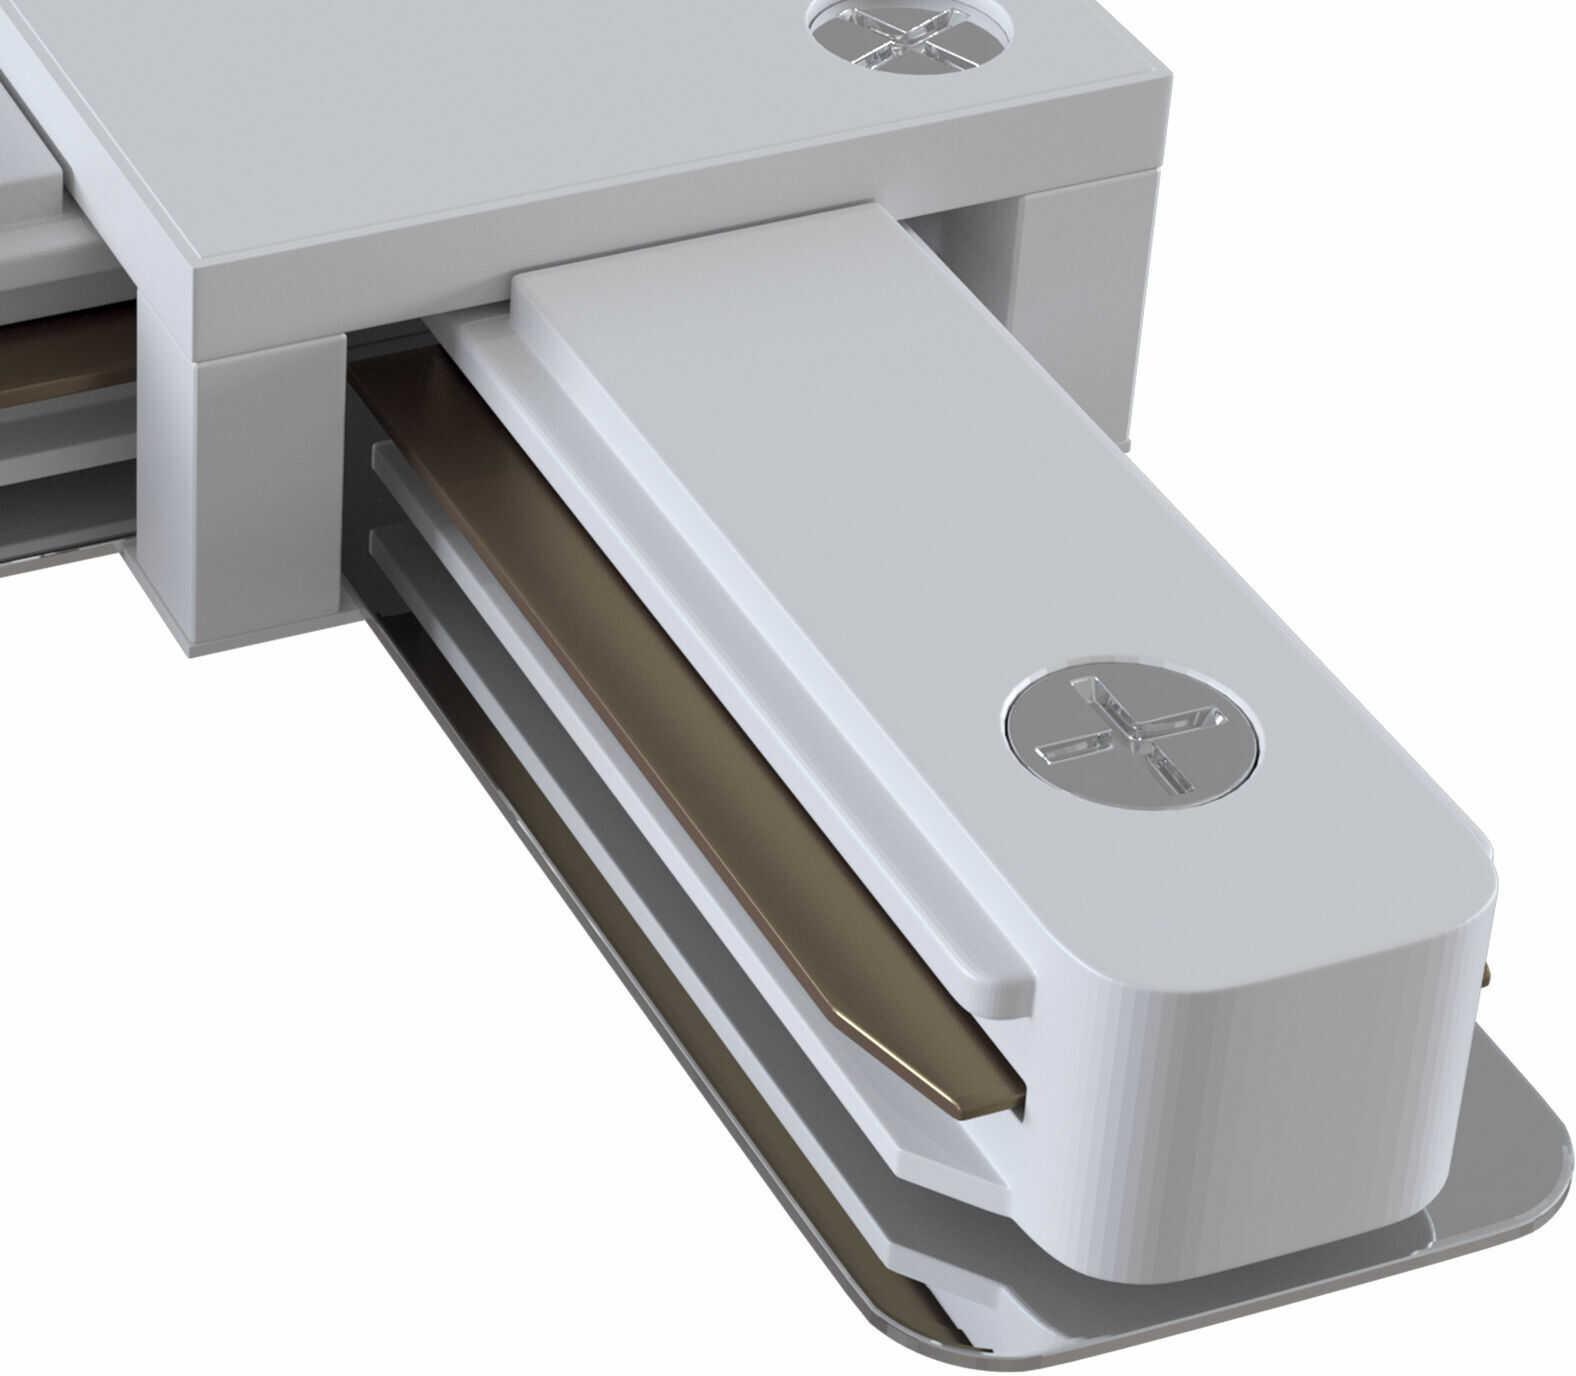 Maytoni Accessories for tracks TRA001CL-11W łącznik wzdłużny L do systemu szynowego biały 7cm